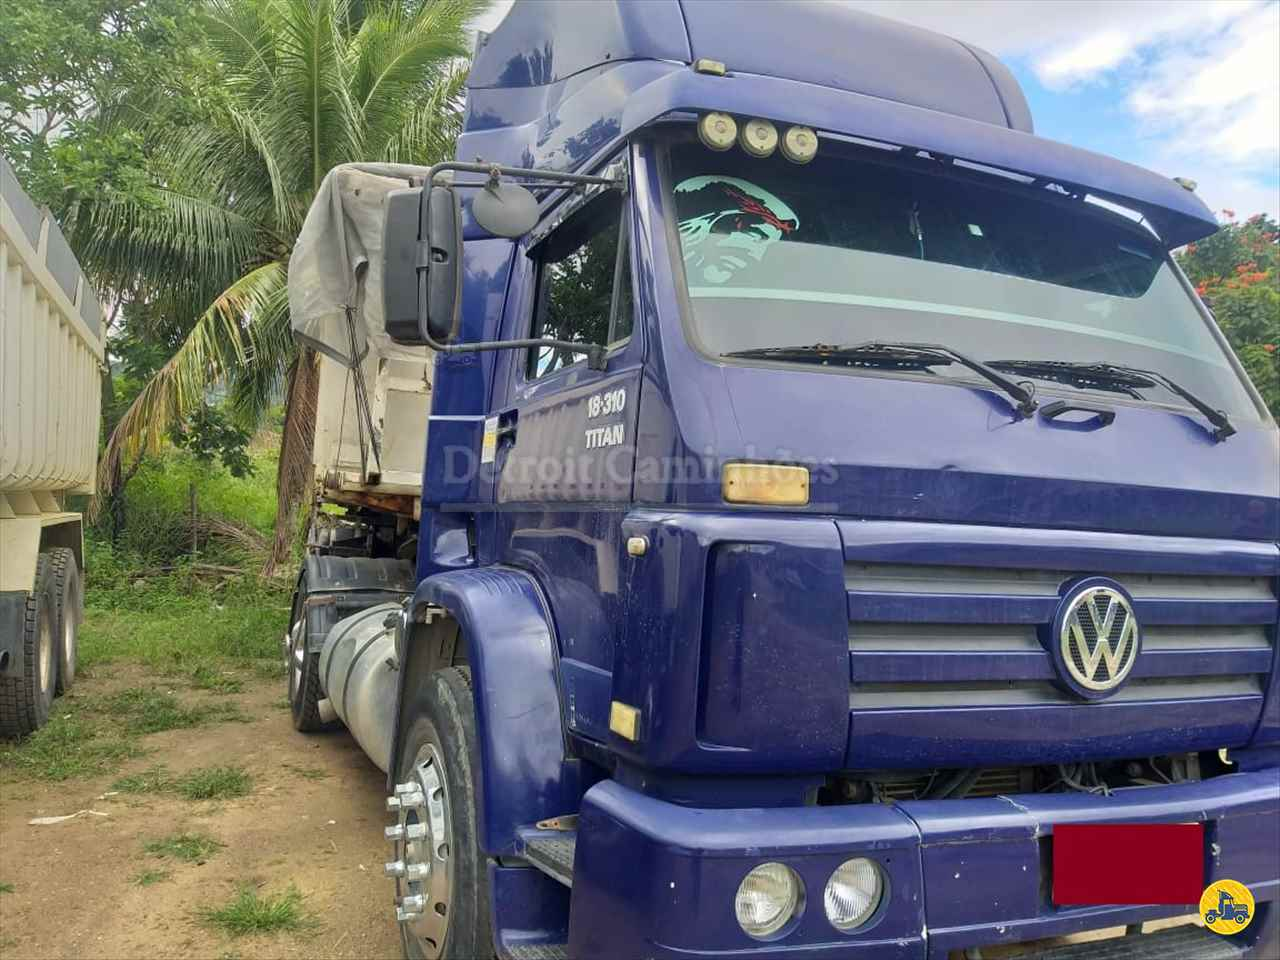 CAMINHAO VOLKSWAGEN VW 18310 Caçamba Basculante Toco 4x2 Detroit Caminhões SAO JOSE DOS CAMPOS SÃO PAULO SP